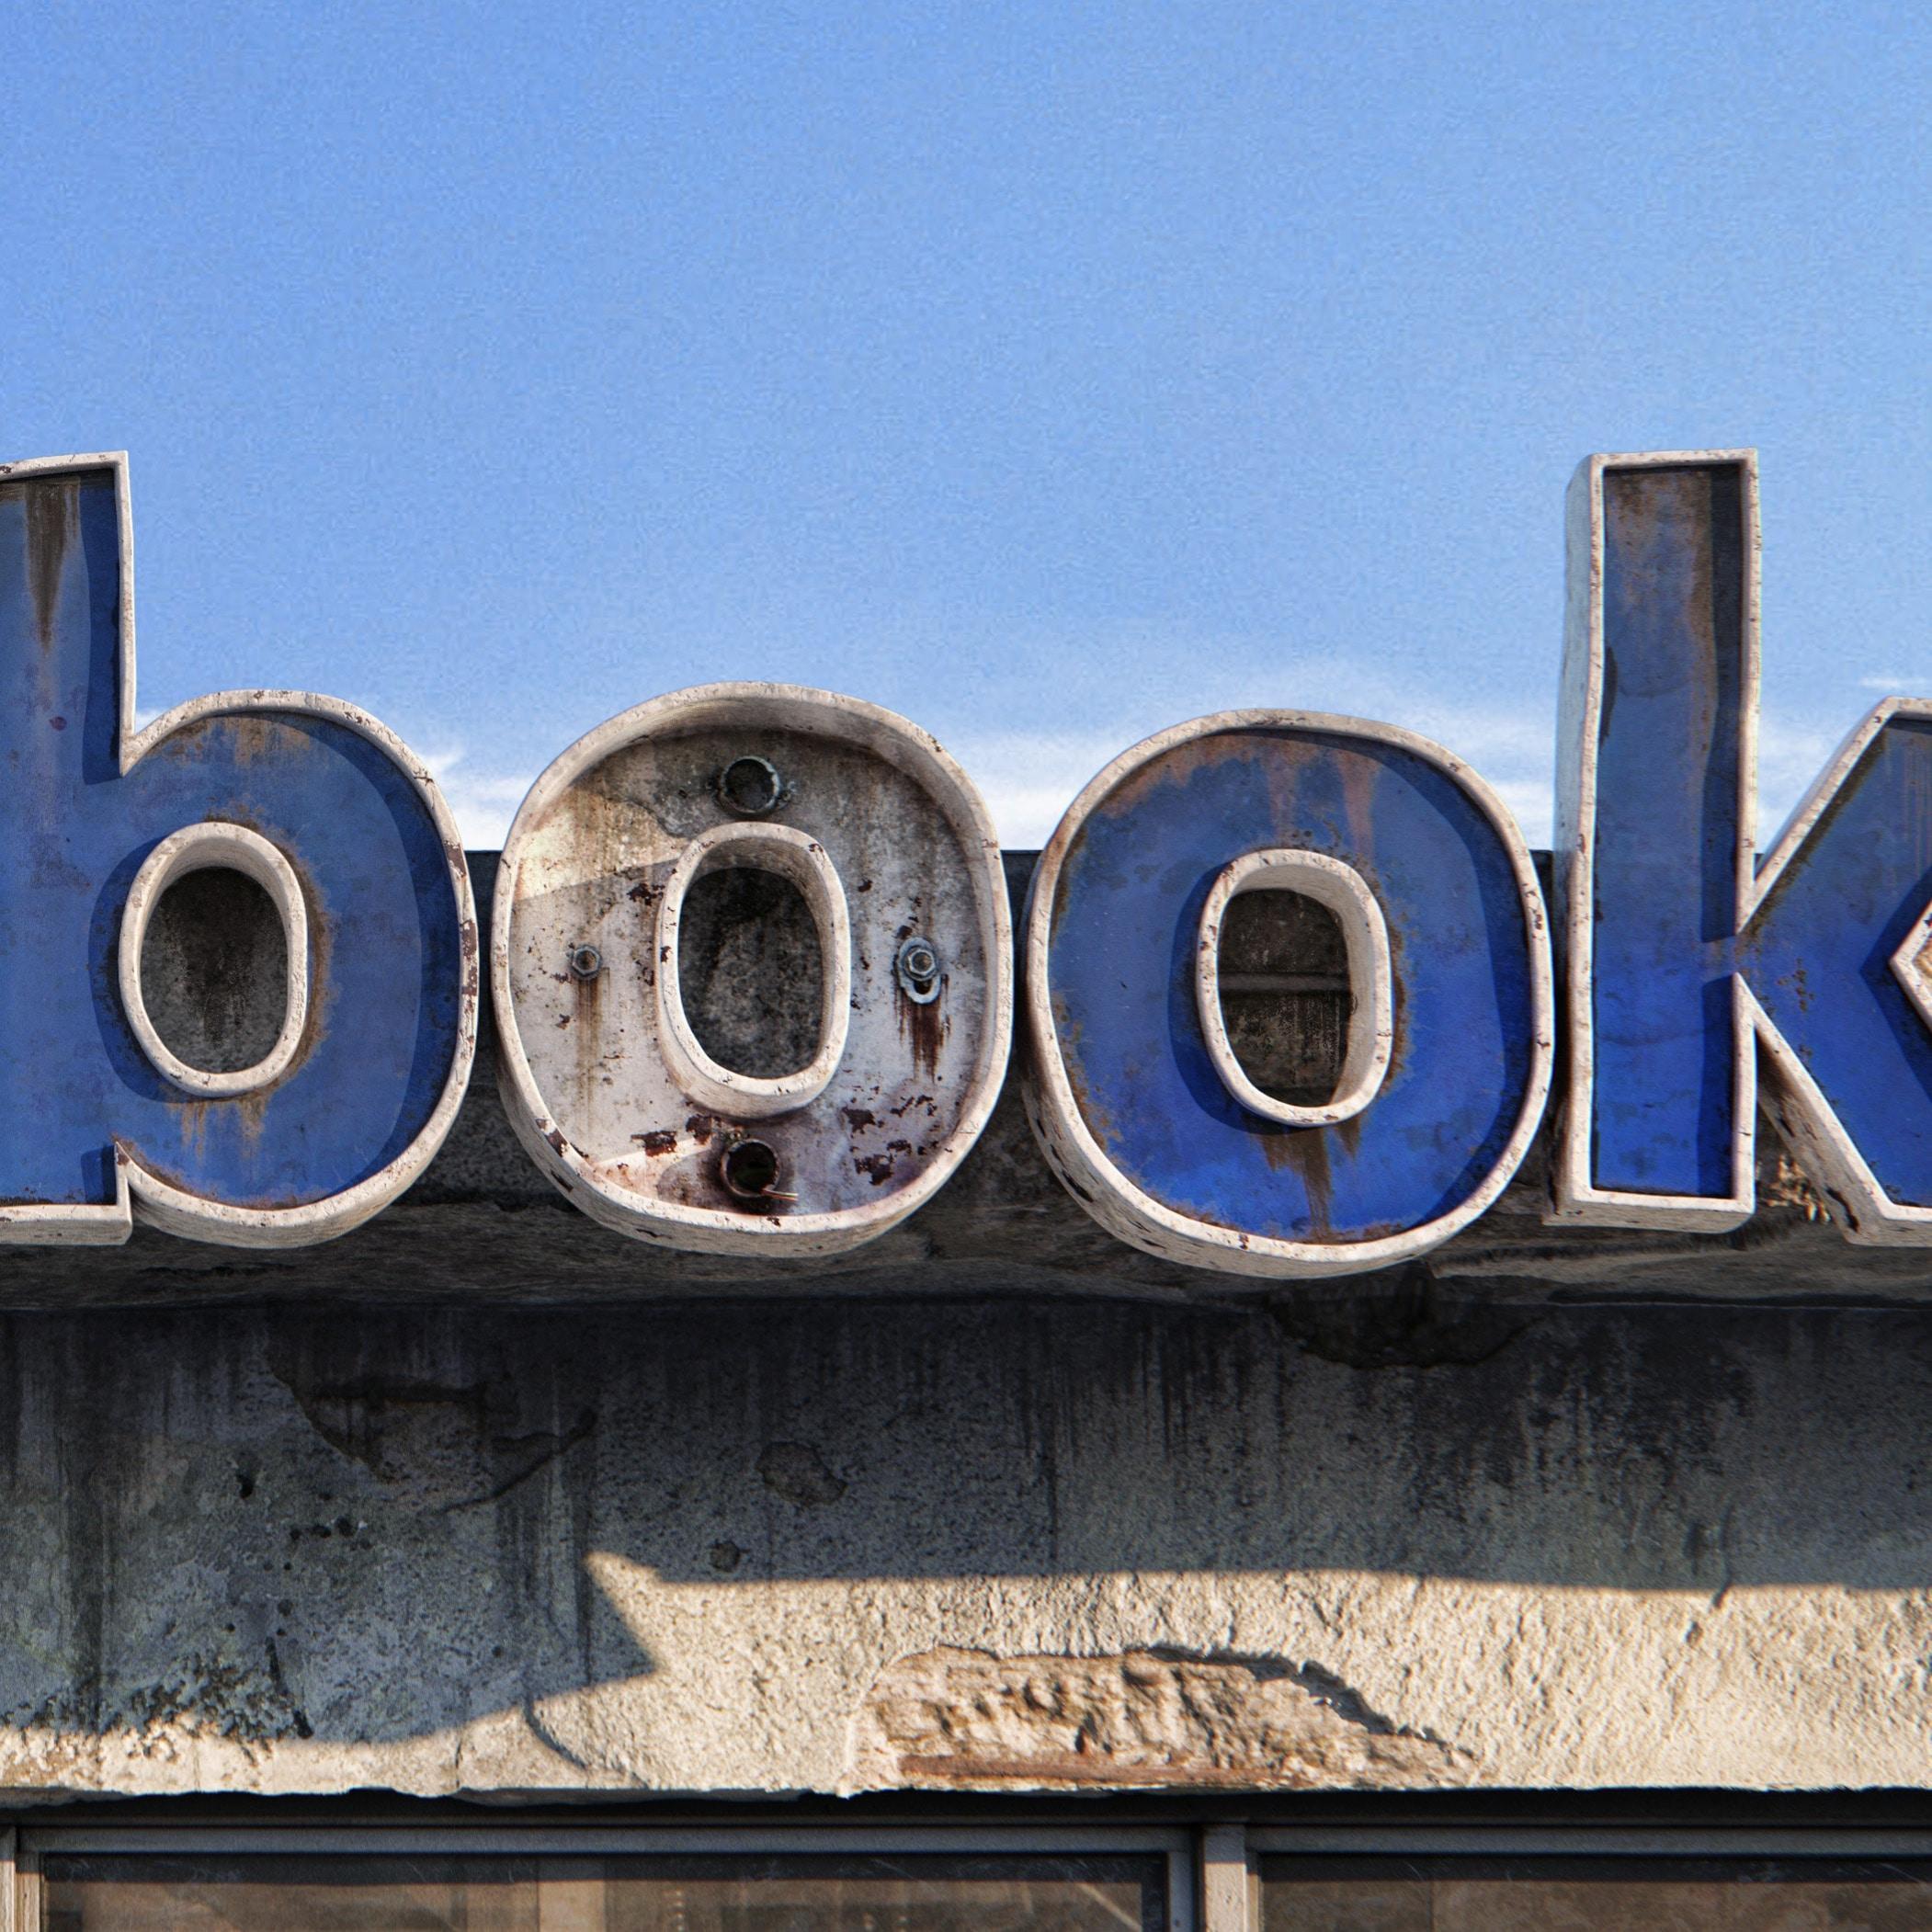 Social Decay by Andrei Lacatusu